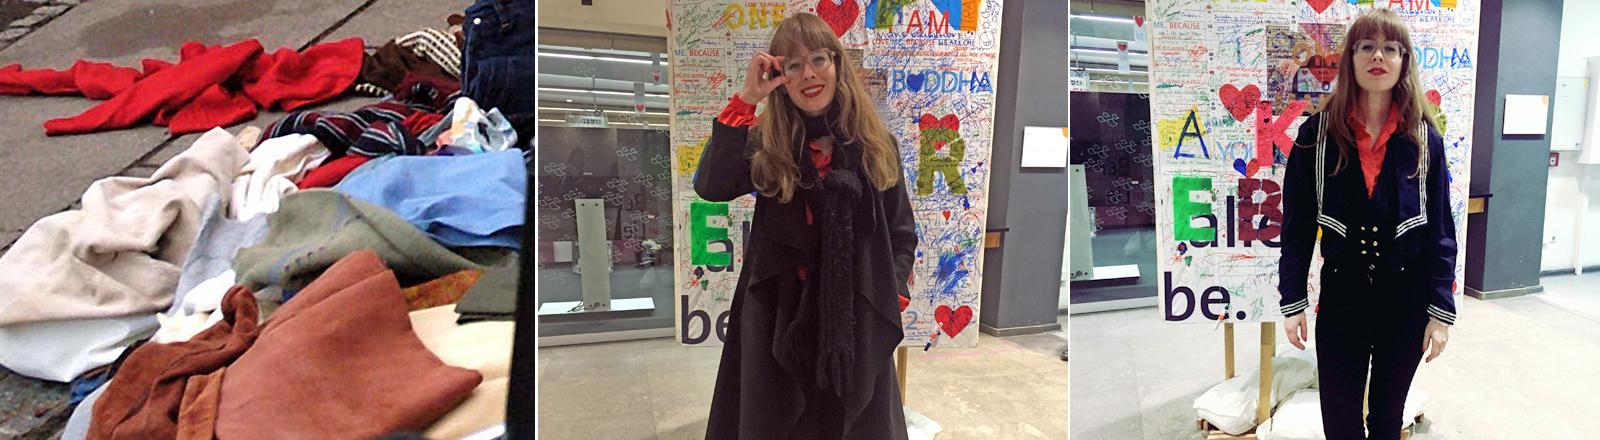 Kleidung im Müll auf der Straße und Reporterin Raffaela Jungbauer